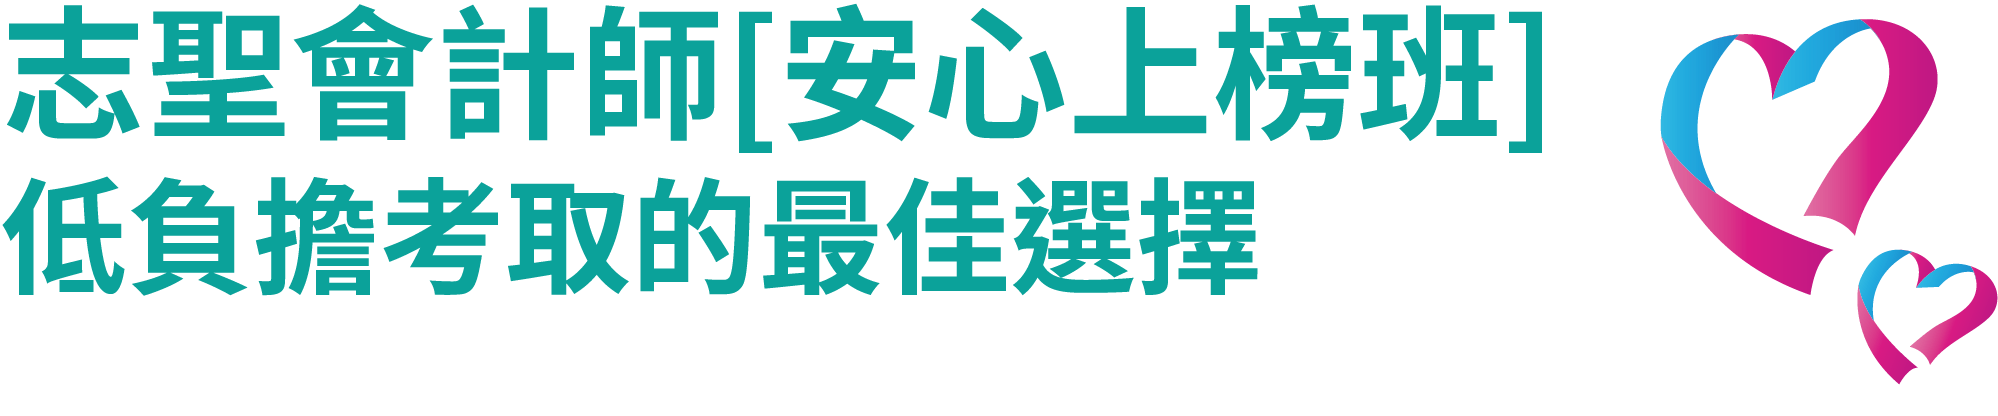 安心上榜班 - 臺北志聖 會計師/高普考會計/會研所